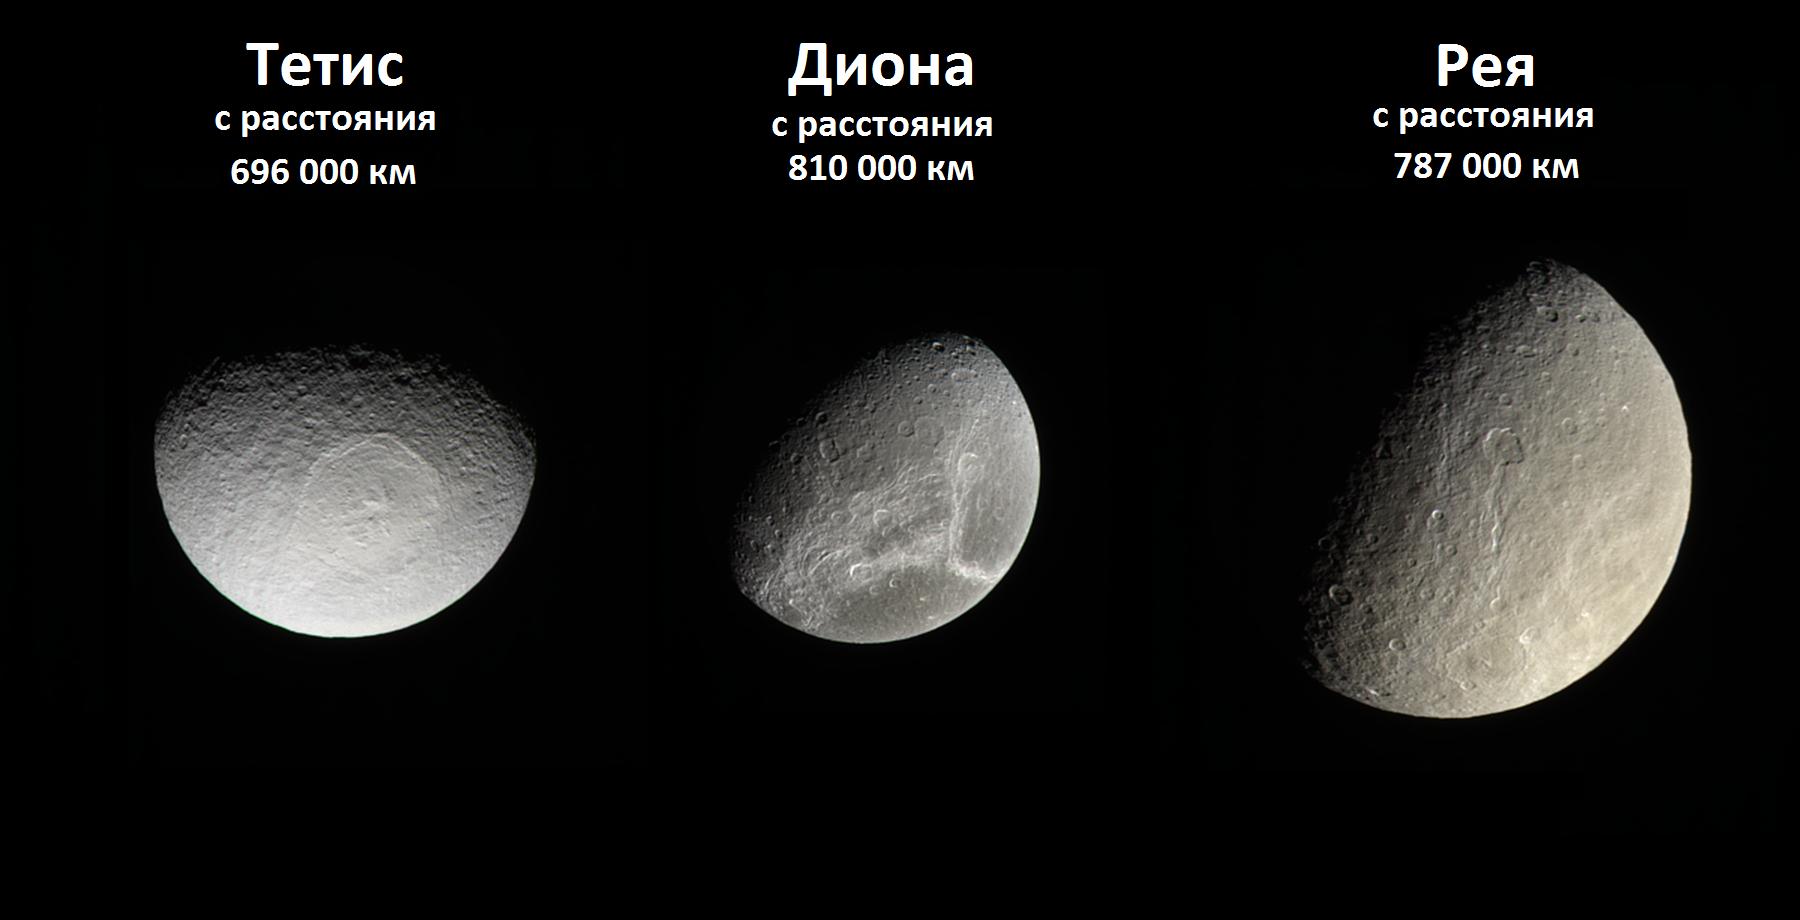 Три спутника Сатурна